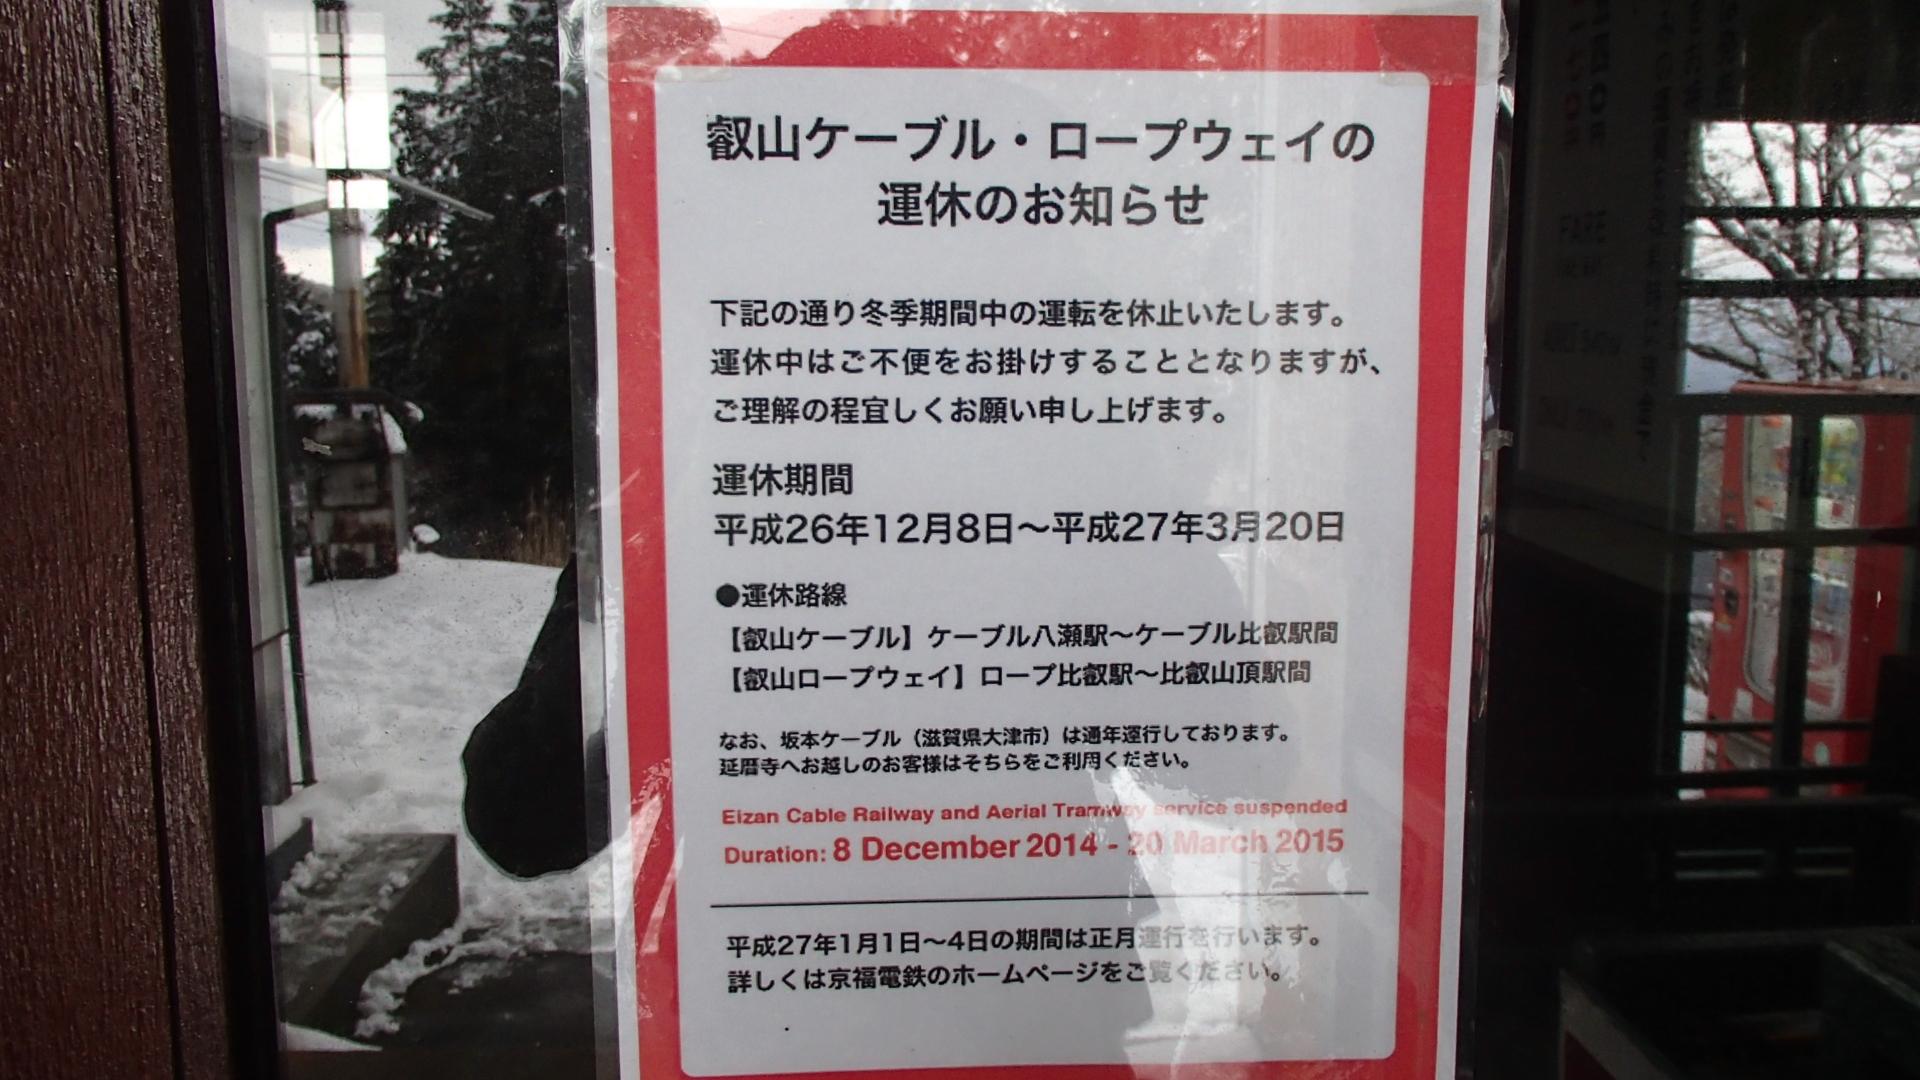 ケーブル比叡駅